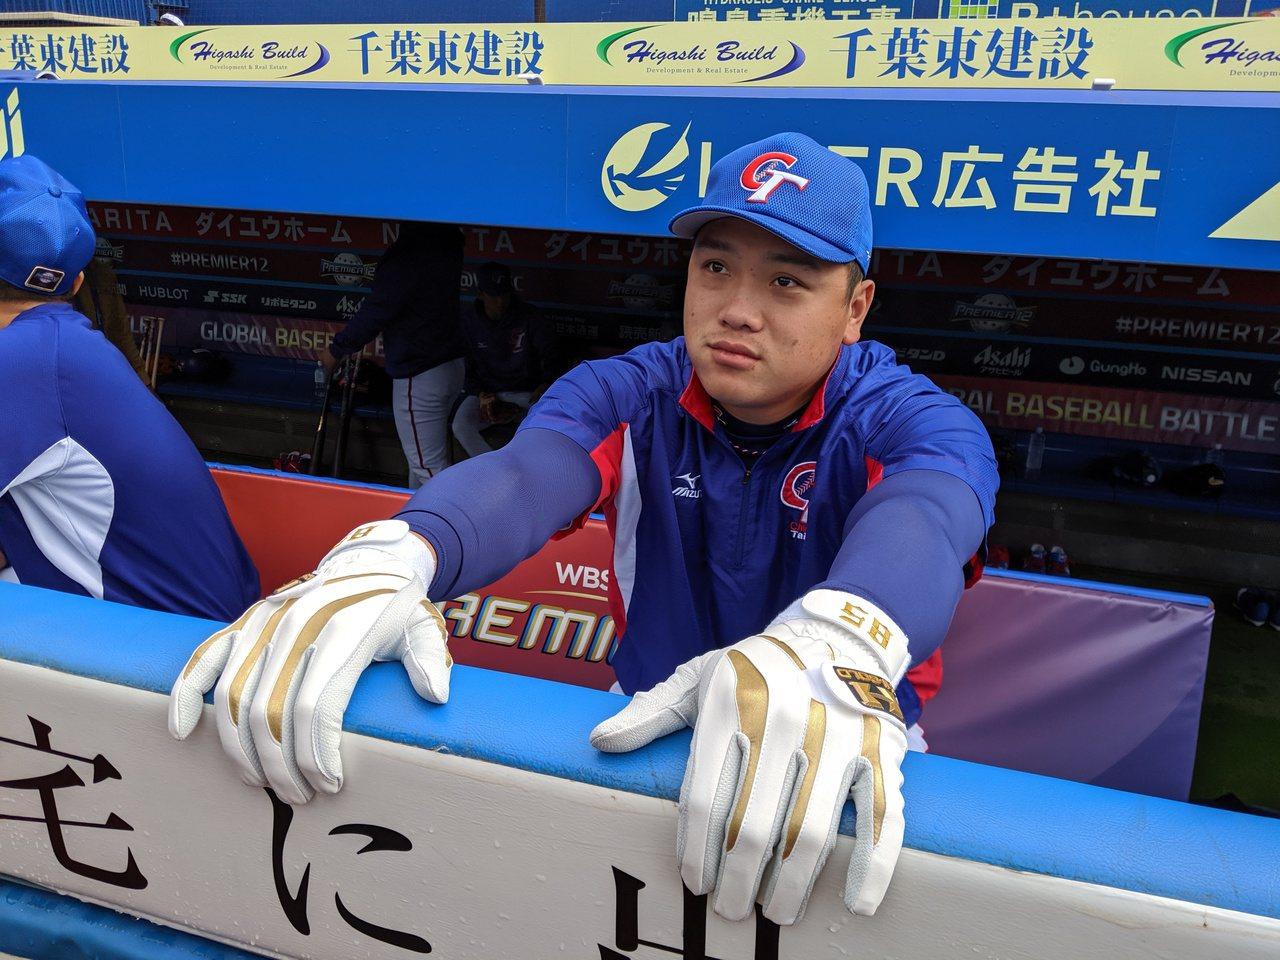 世界12強棒球賽中華隊移師日本,廖乙忠帶著朱育賢的手套,為雙手保持濕潤,避免乾裂...